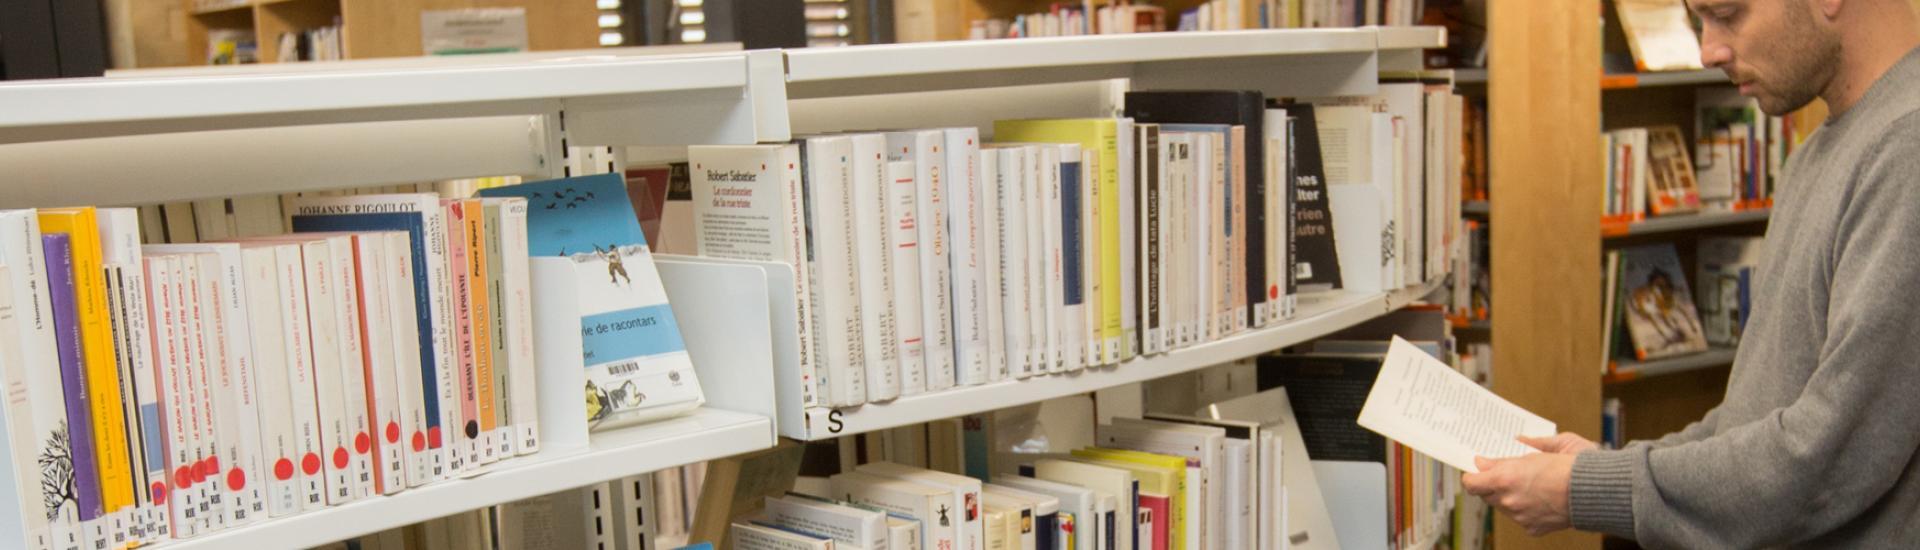 Une navette itinérante entre les médiatheques et bibliothèques des Coëvrons